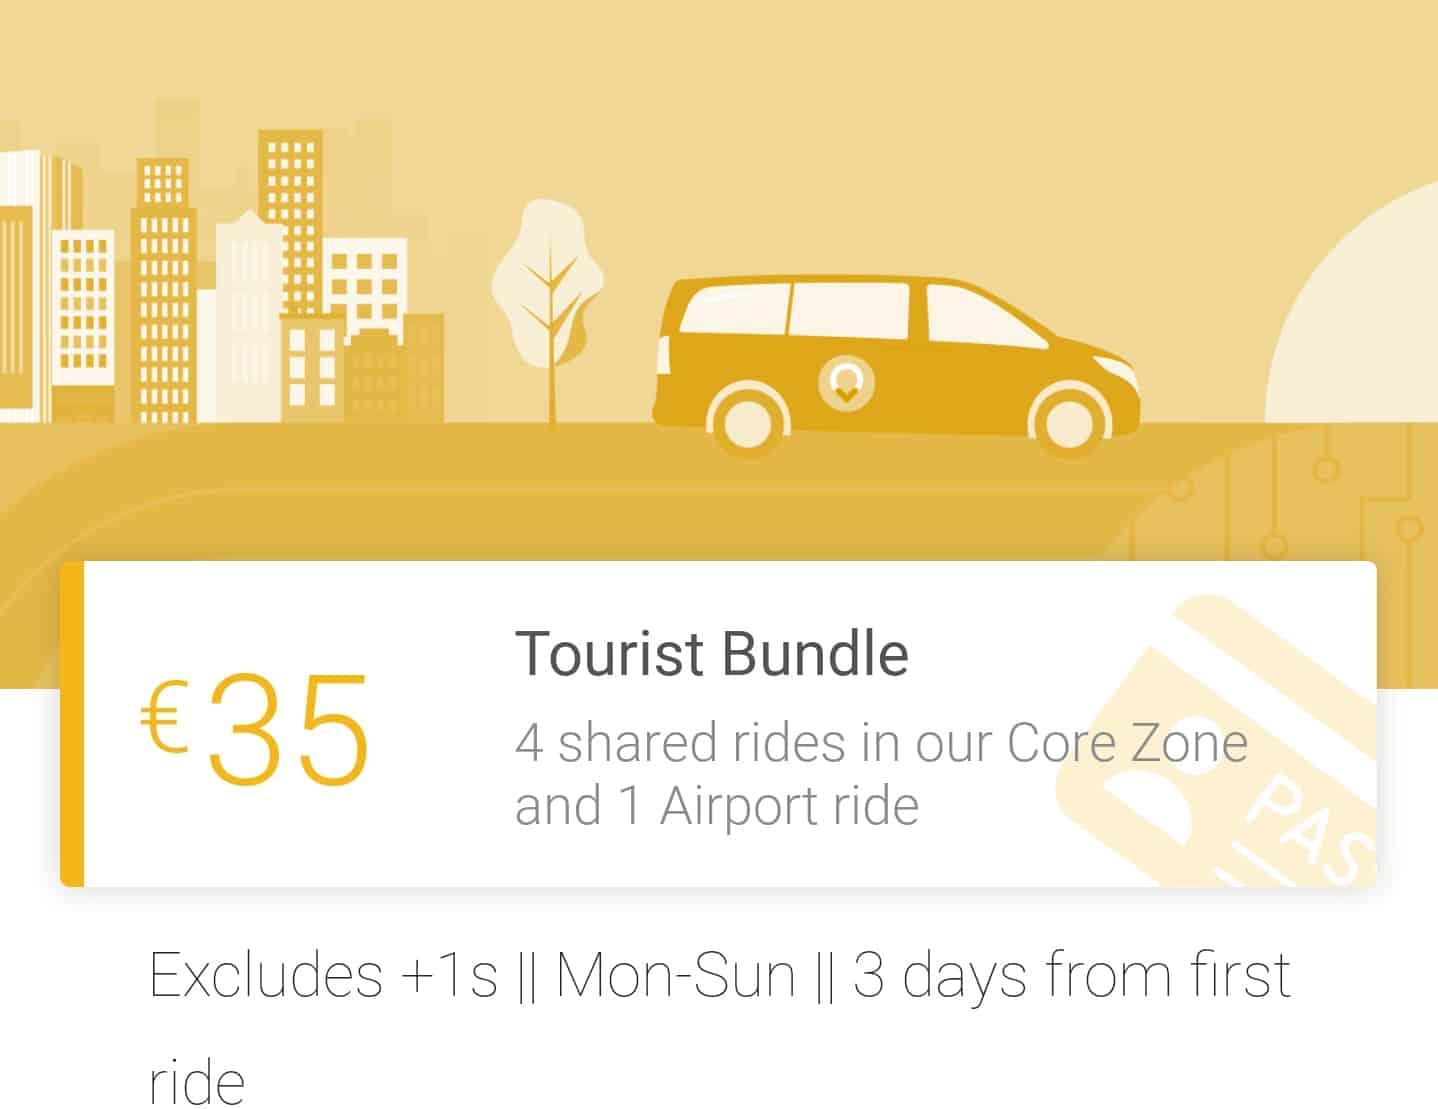 ViaPass touristen bundel met 4 gedeelde ritten in de core en 1 rit naar de luchthaven